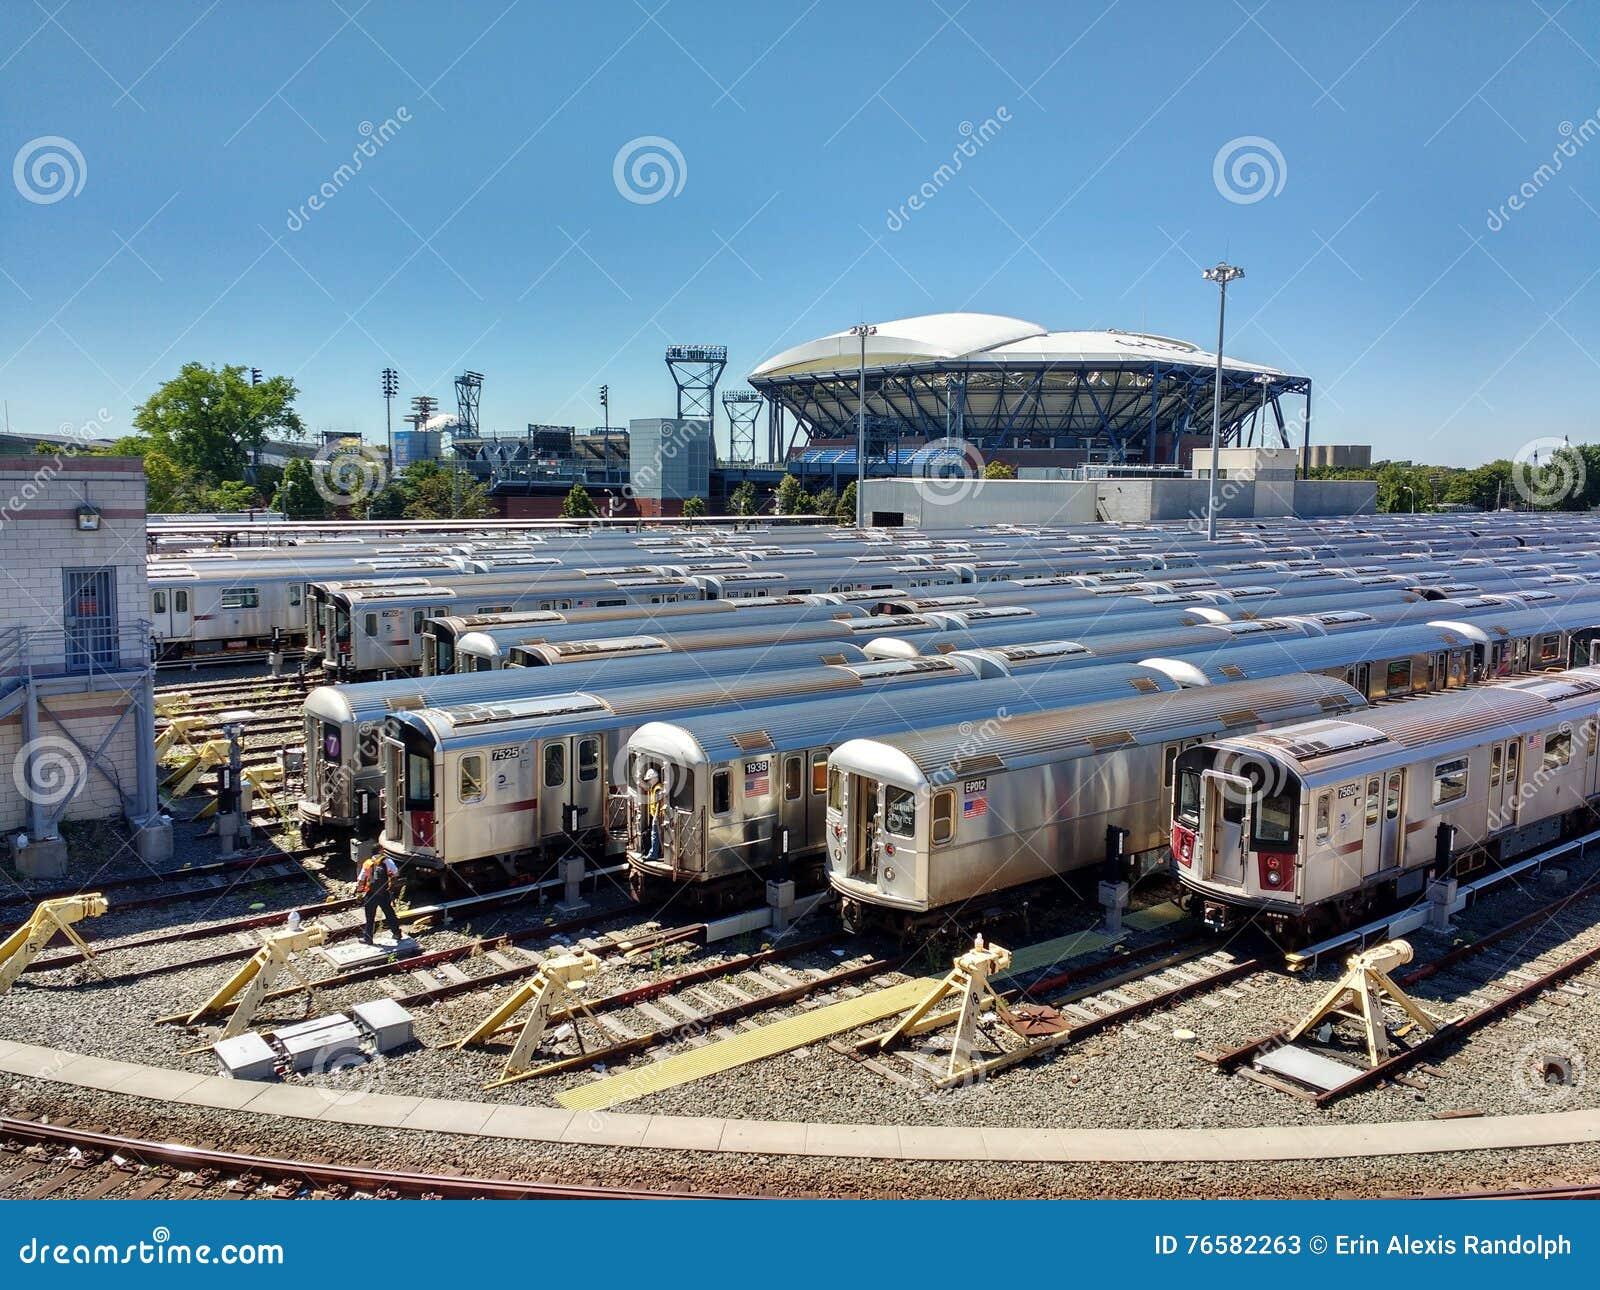 Arthur Ashe Tennis Stadium da Corona Rail Yard, New York, U.S.A.